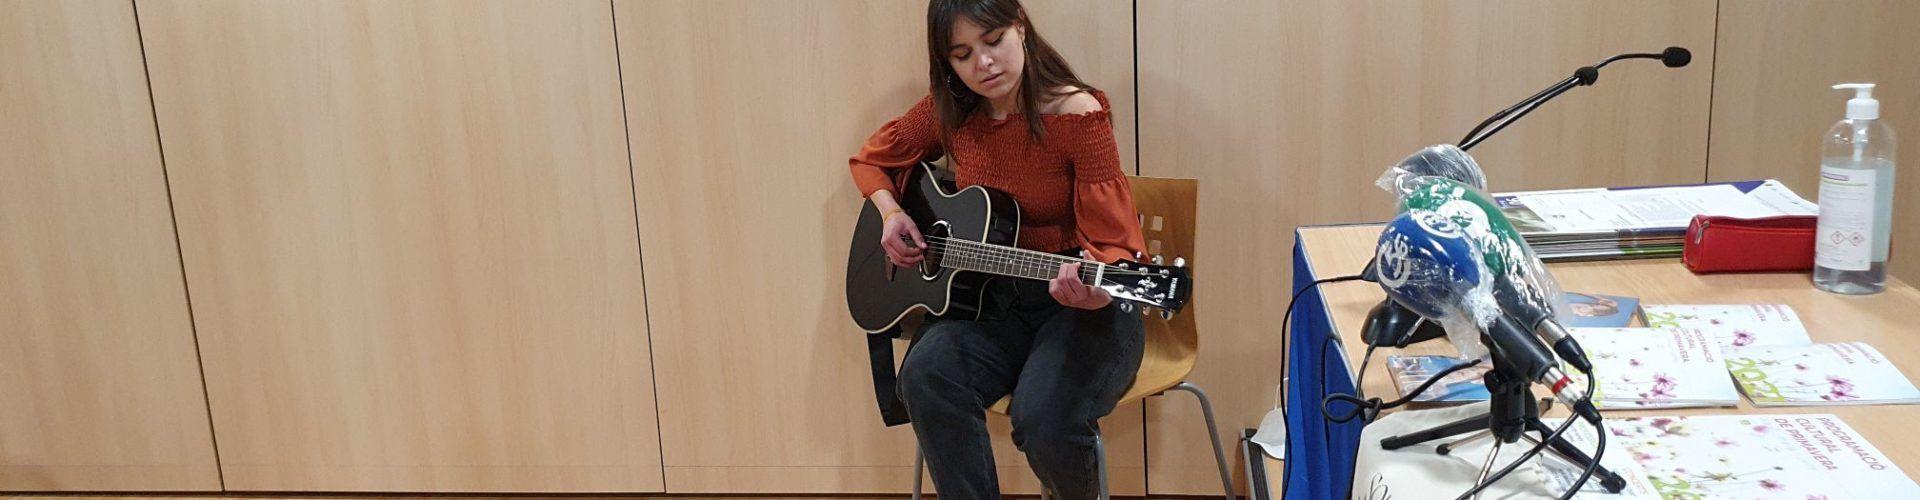 """Vídeo: Esther Querol canta """"Vies paral·leles"""""""